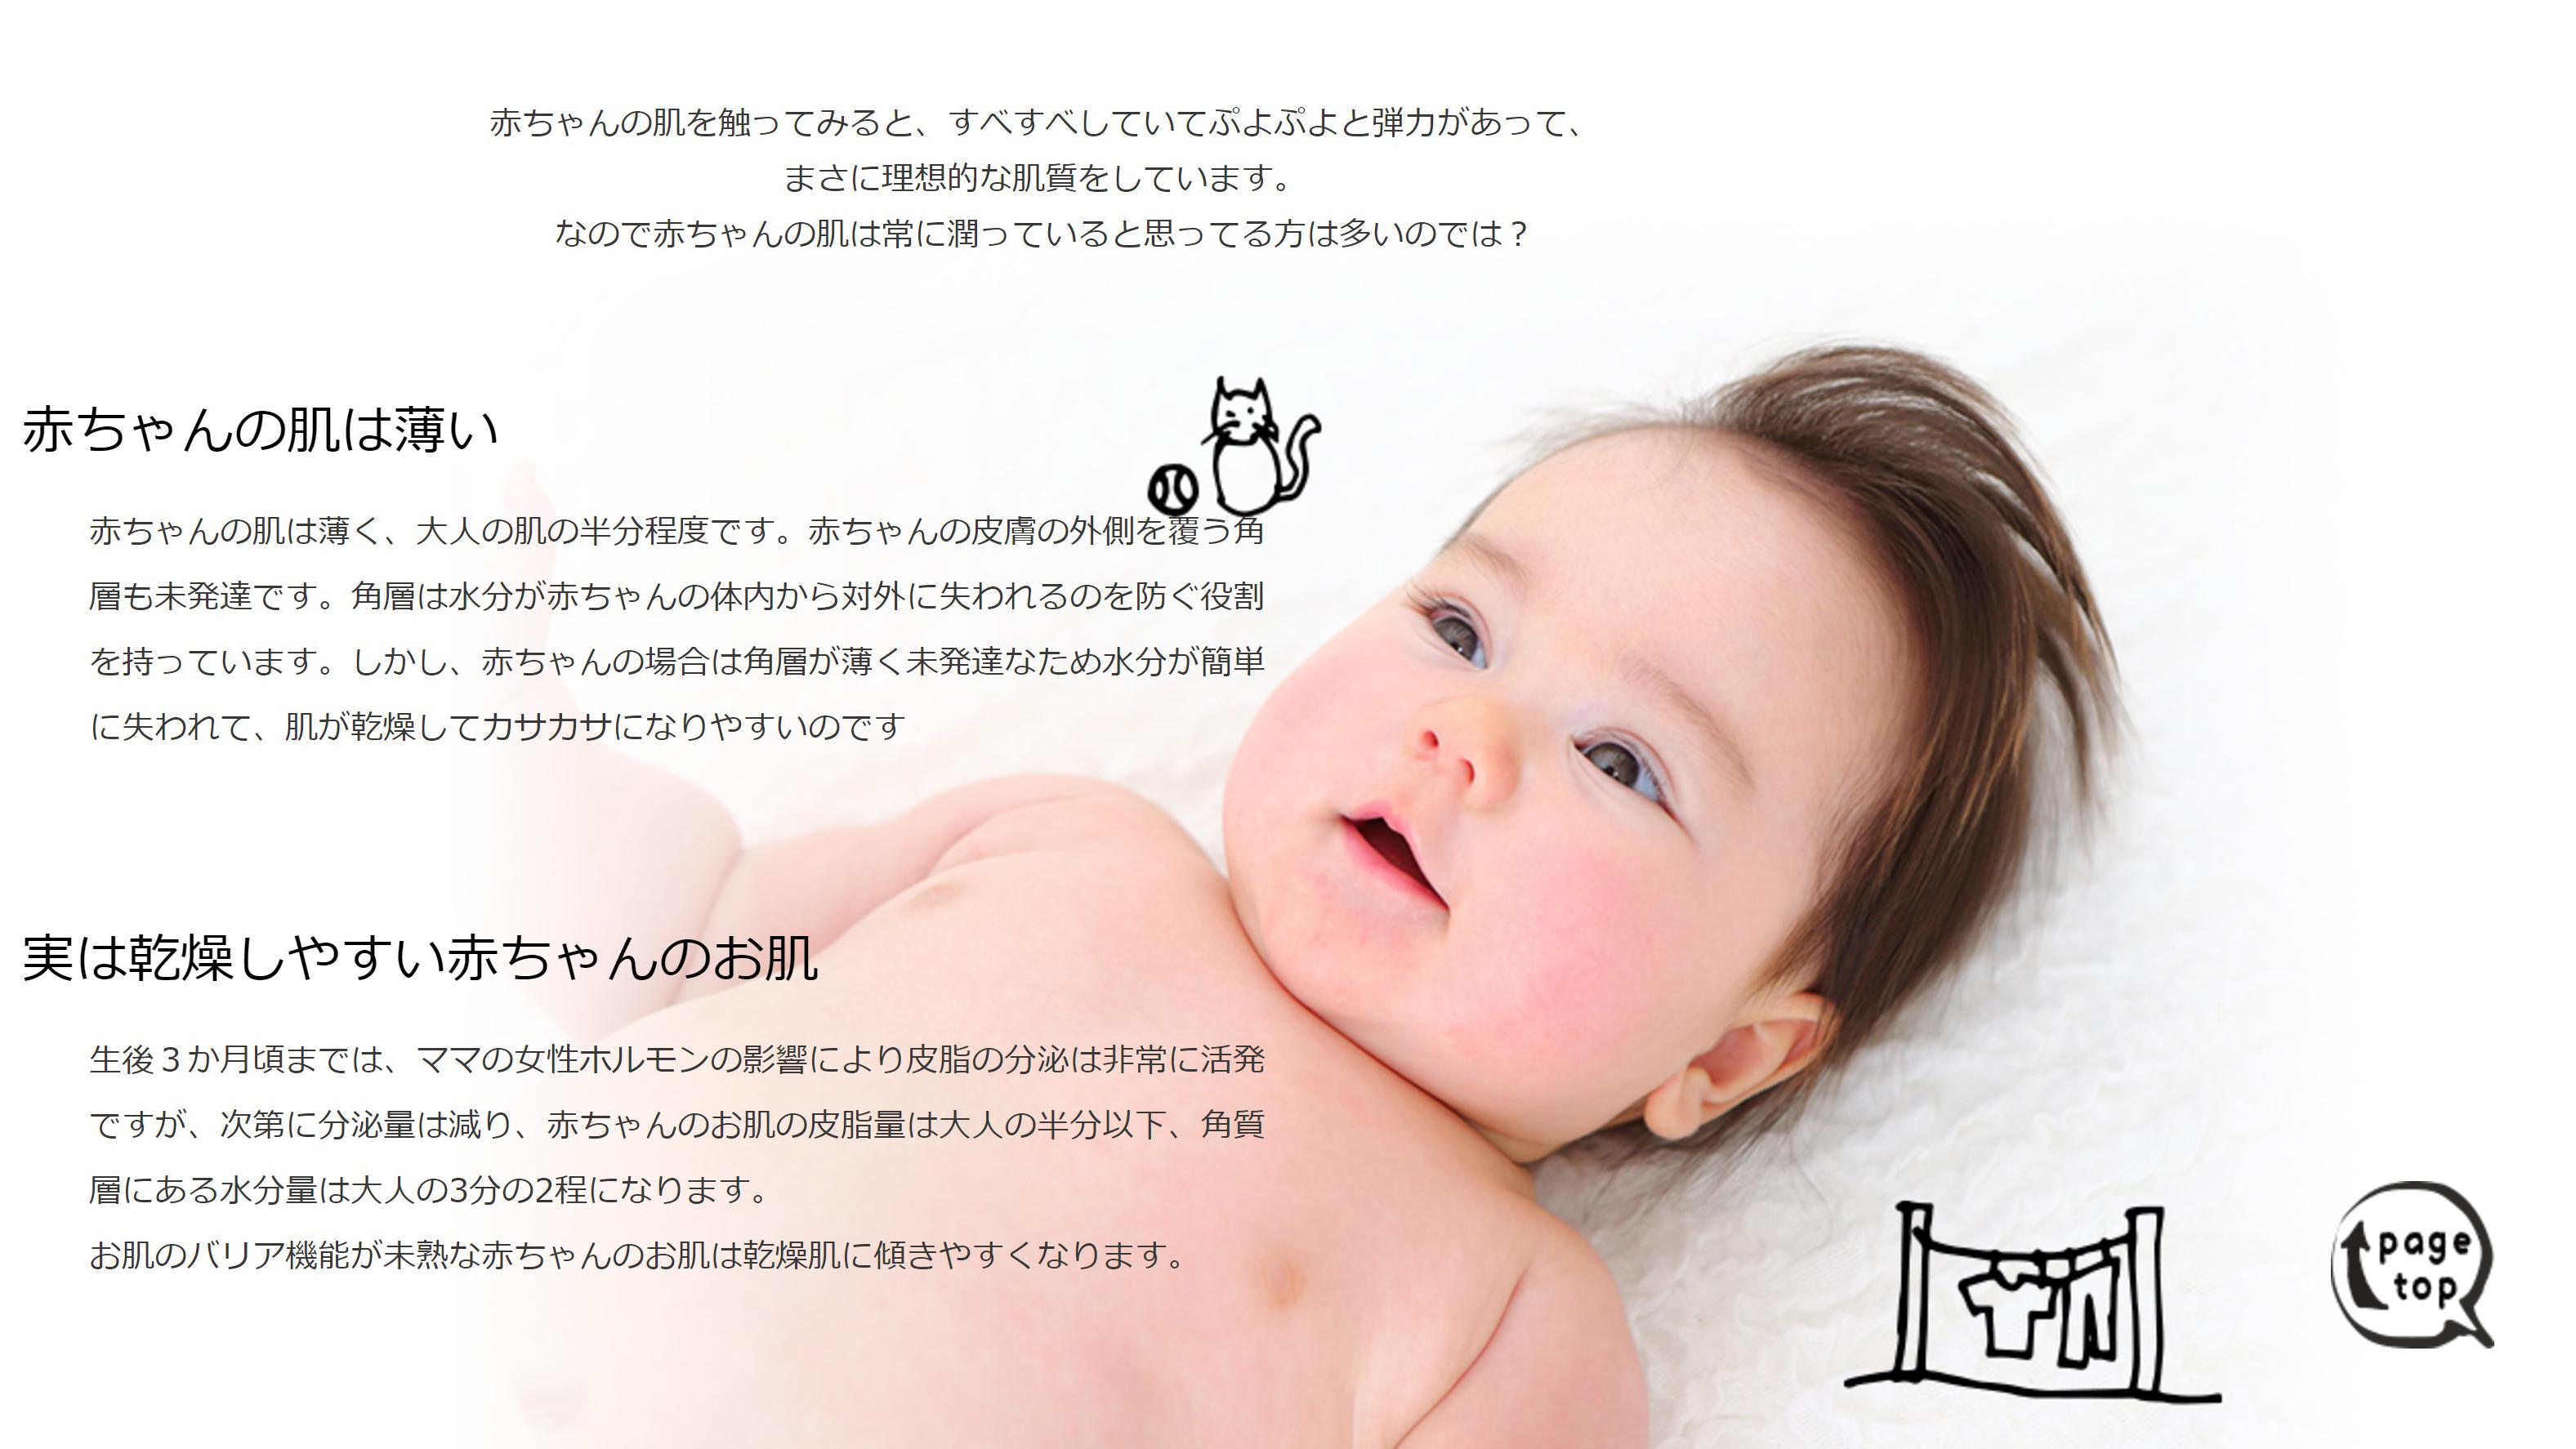 【株式会社 MATONA様 HP写真掲載 】